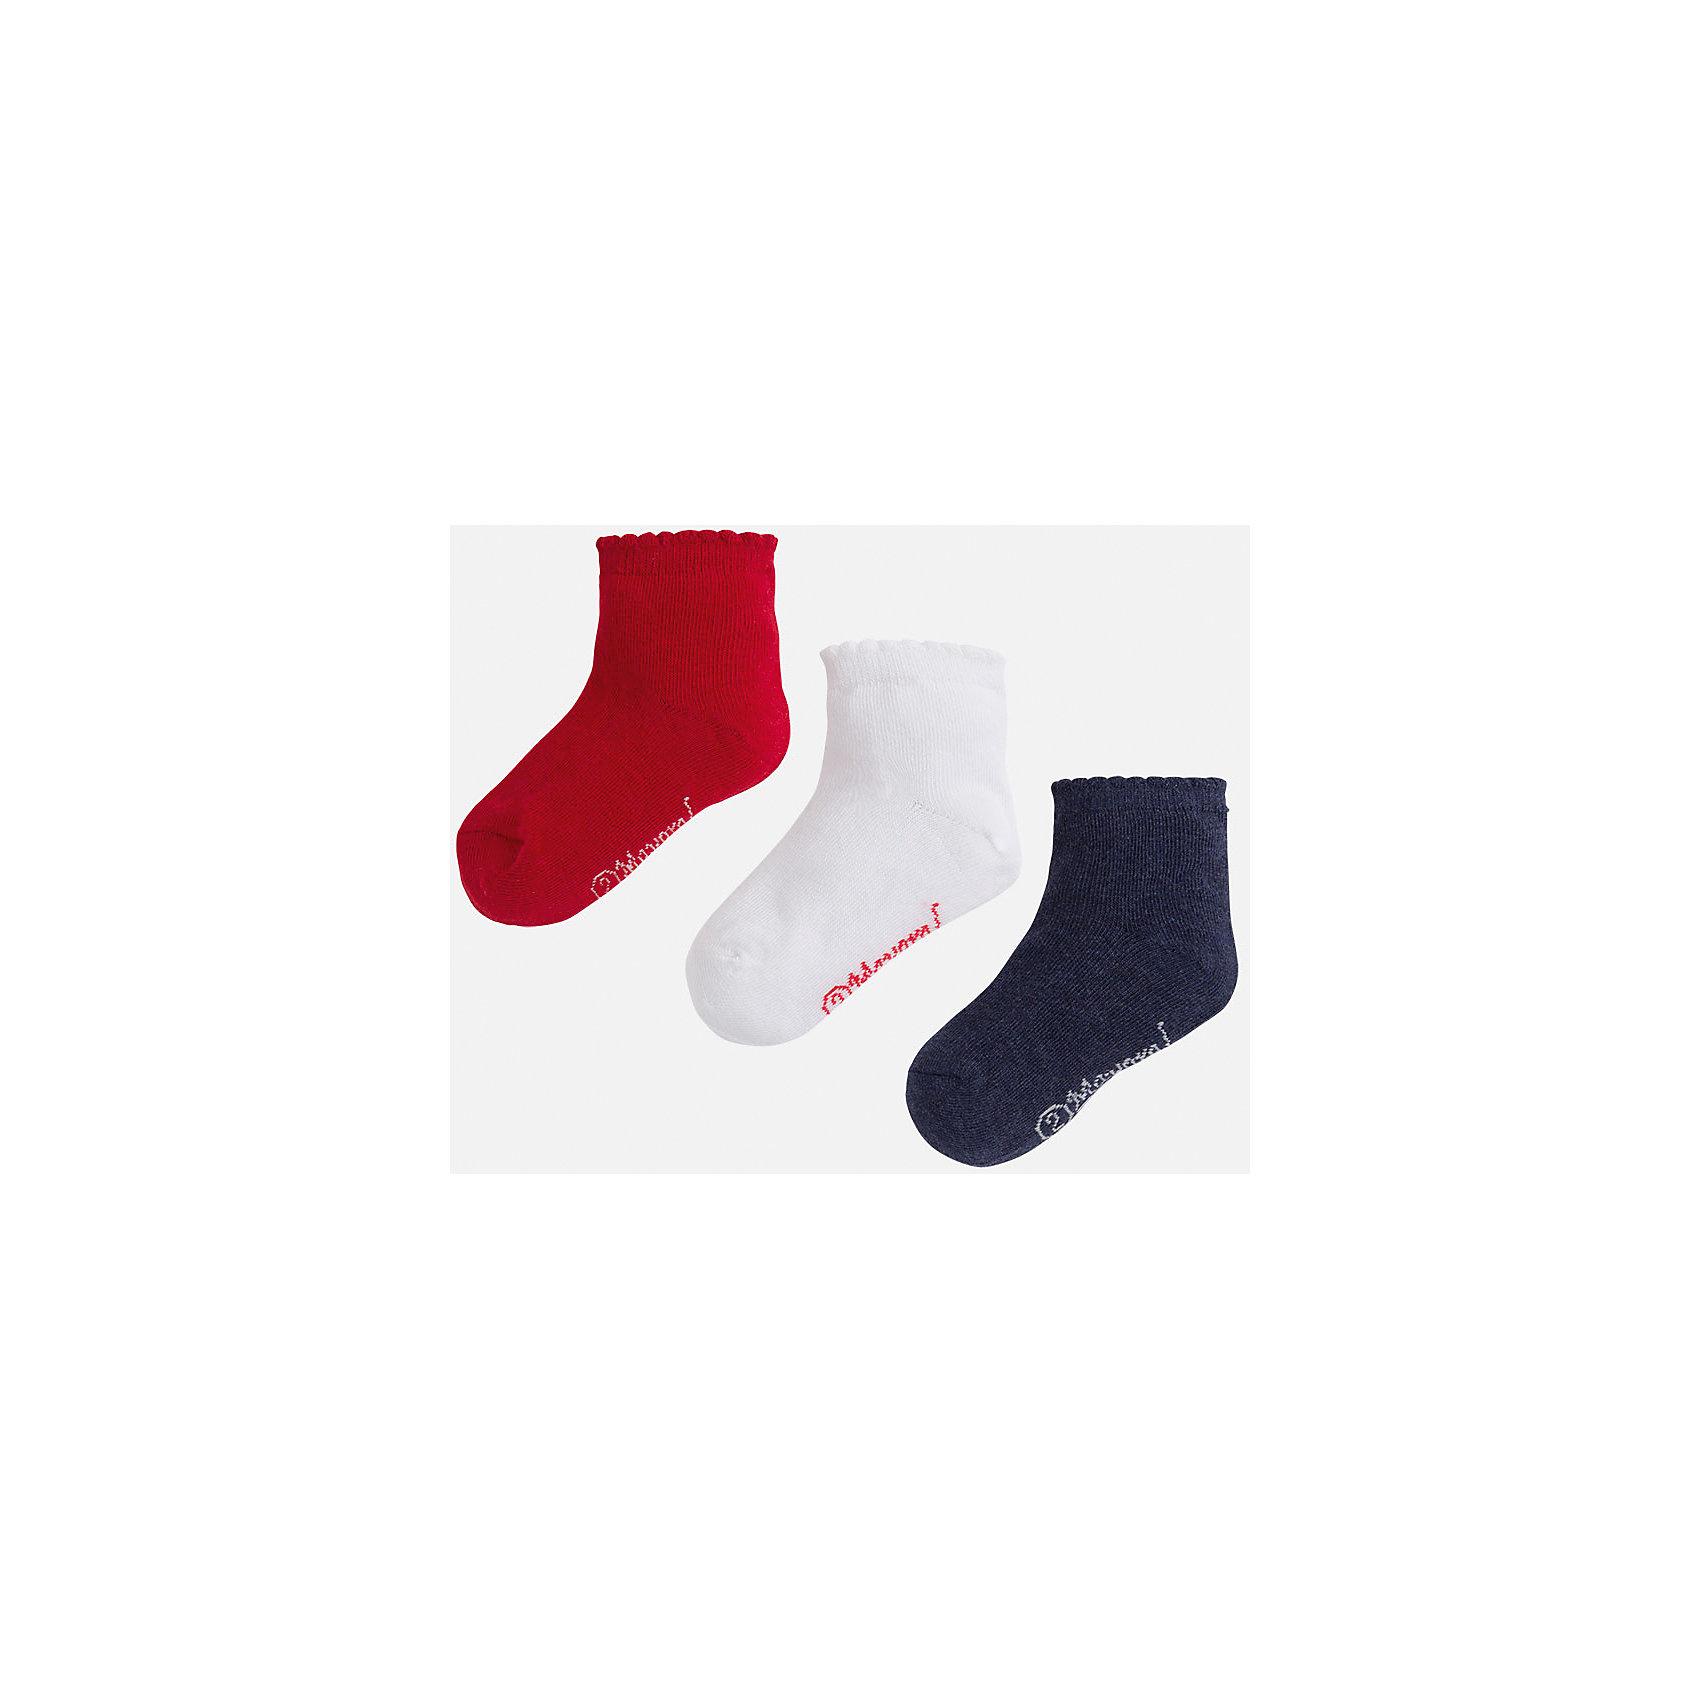 Носки,3 пары для девочки MayoralКомплект из трех пар носков для девочки от популярного испанского бренда Mayoral(Майорал). Все носки изготовлены из качественных прочных материалов, приятных телу. <br><br>Дополнительная информация:<br>Состав: 75% хлопок, 23% полиэстер, 2% эластан<br>Цвет: красный/белый/темно-синий<br>Носки для девочки Mayoral(Майорал) можно купить в нашем интернет-магазине.<br><br>Ширина мм: 87<br>Глубина мм: 10<br>Высота мм: 105<br>Вес г: 115<br>Цвет: красный<br>Возраст от месяцев: 36<br>Возраст до месяцев: 48<br>Пол: Женский<br>Возраст: Детский<br>Размер: 28,32,29,27<br>SKU: 4847708